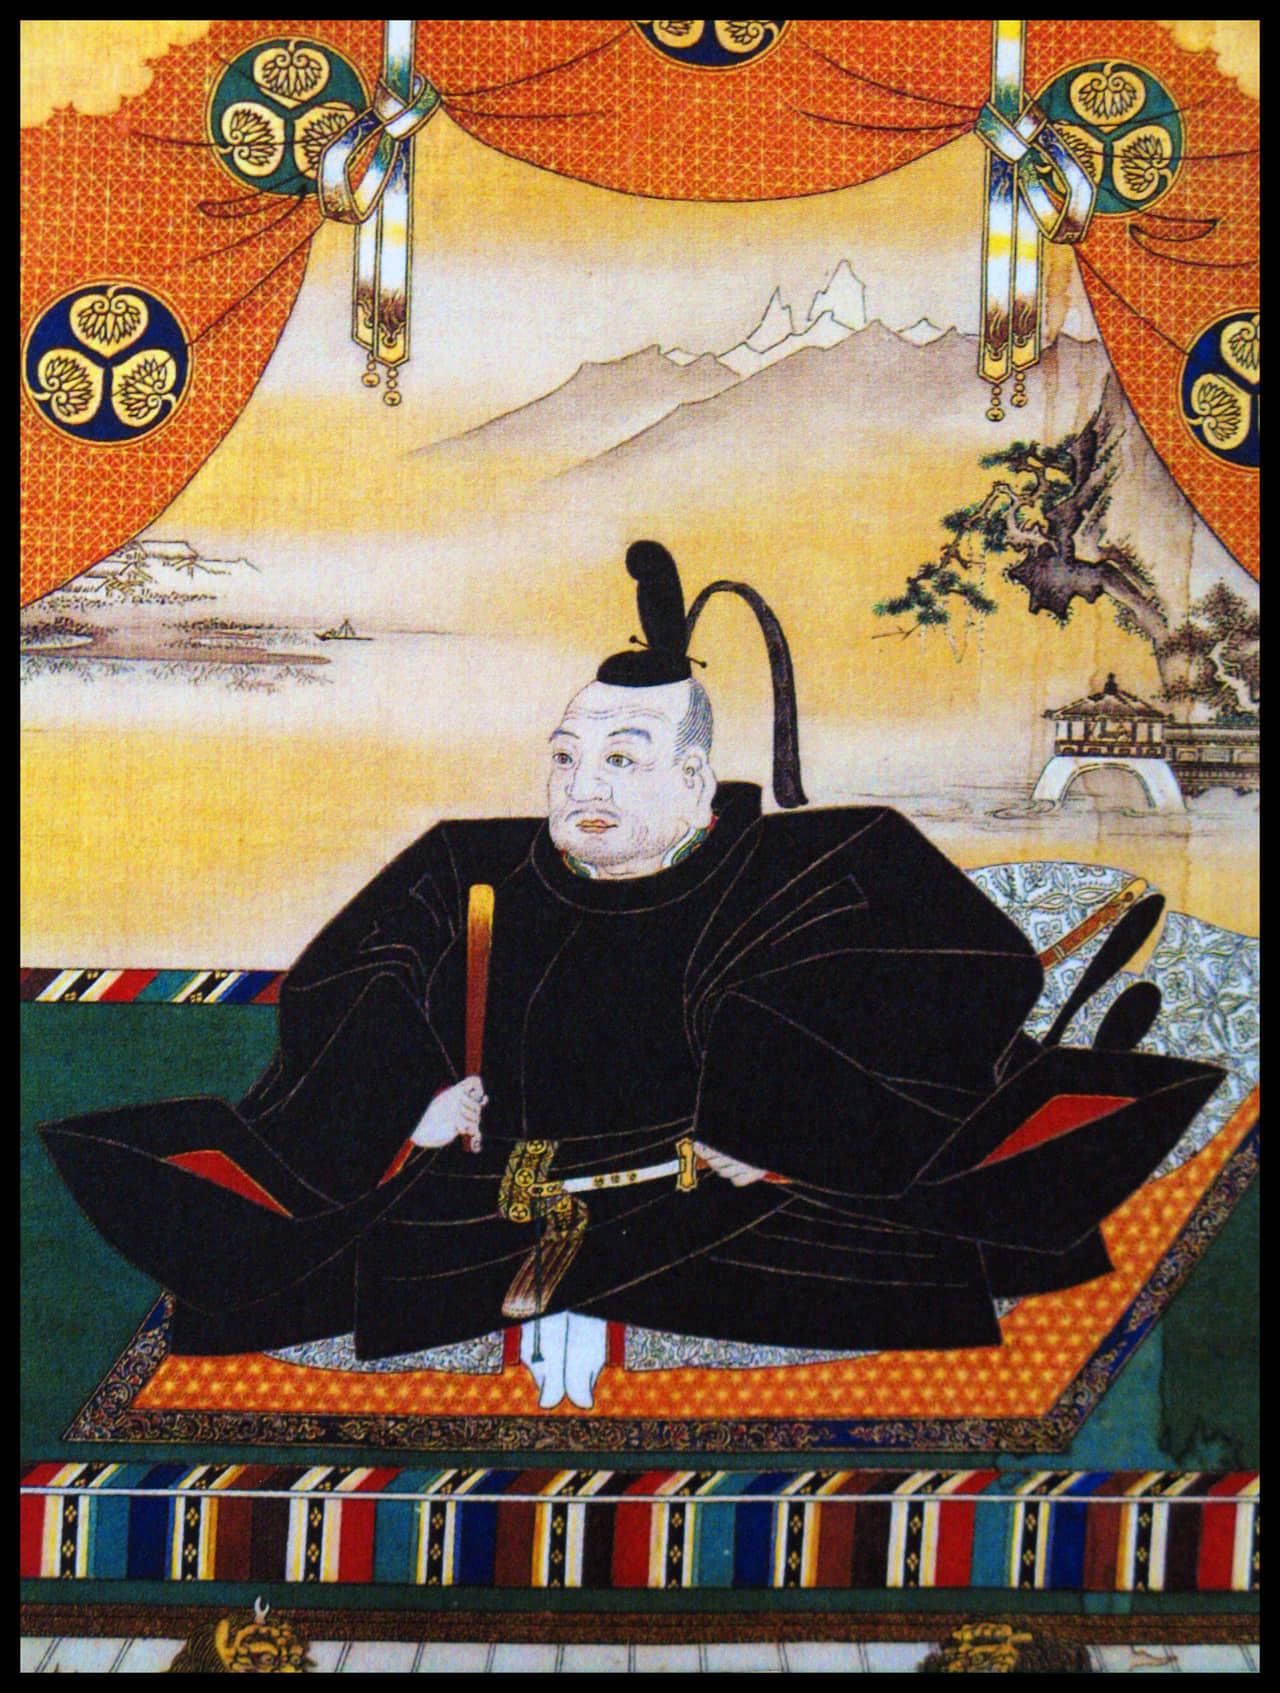 信玄の薫陶を受けなかったが弟子として生きた・徳川家康